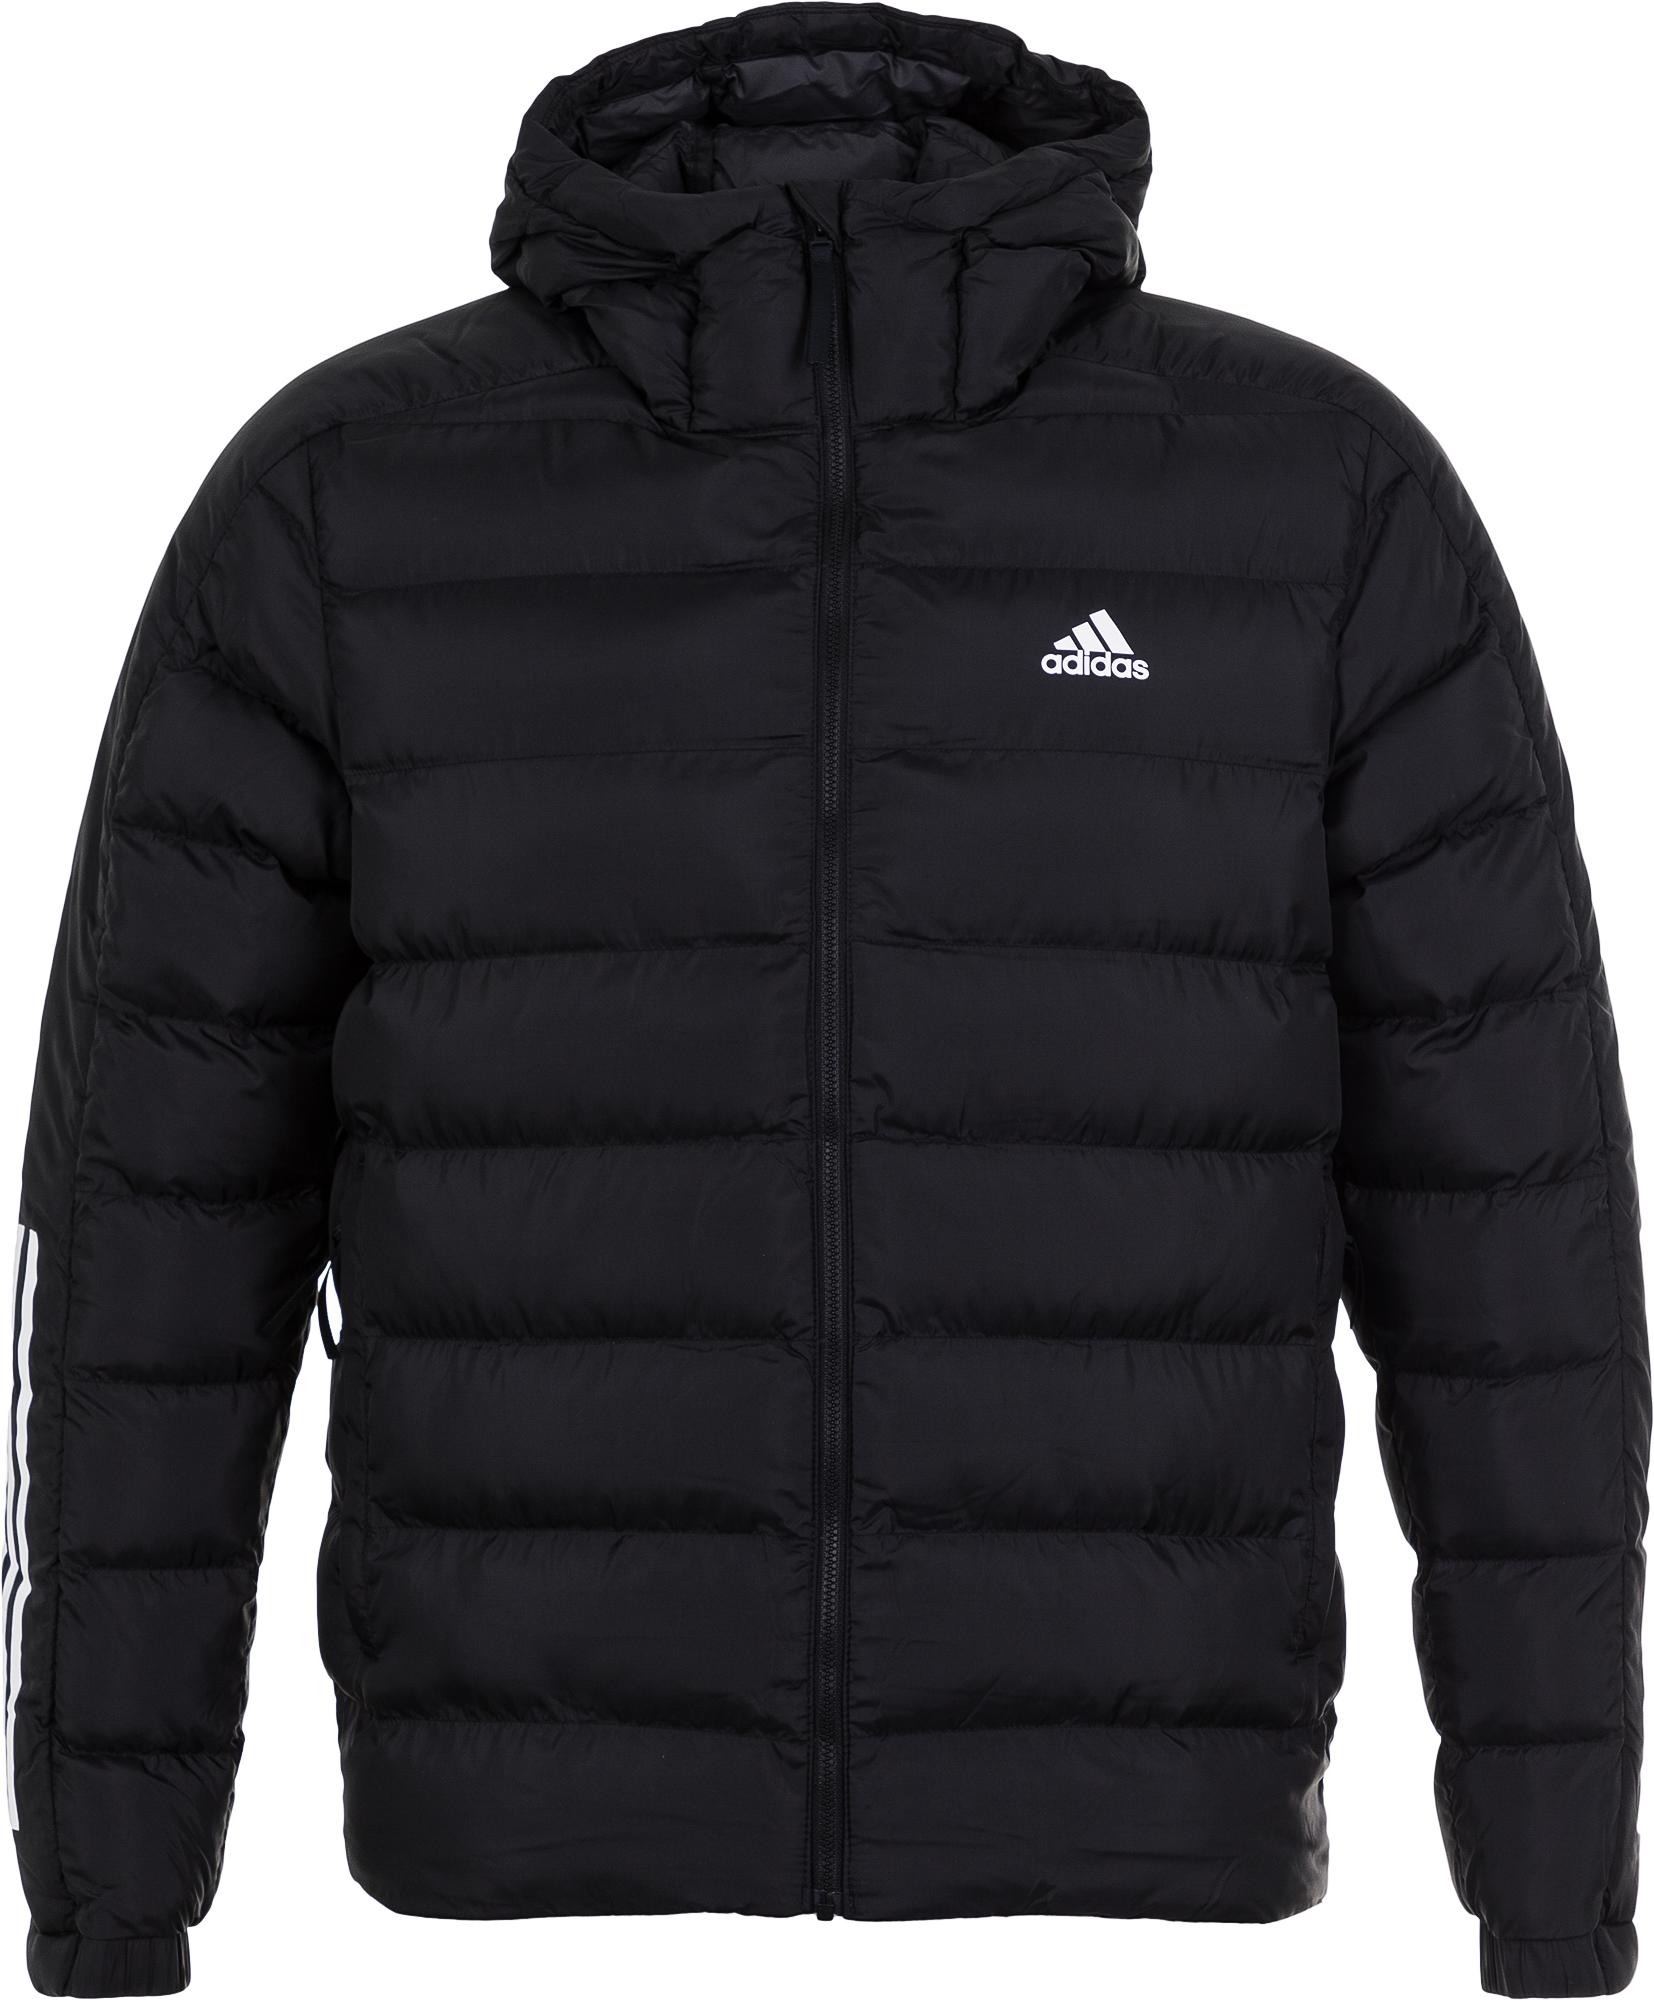 Adidas Куртка утепленная мужская Itavic 3-Stripes 2.0, размер 50